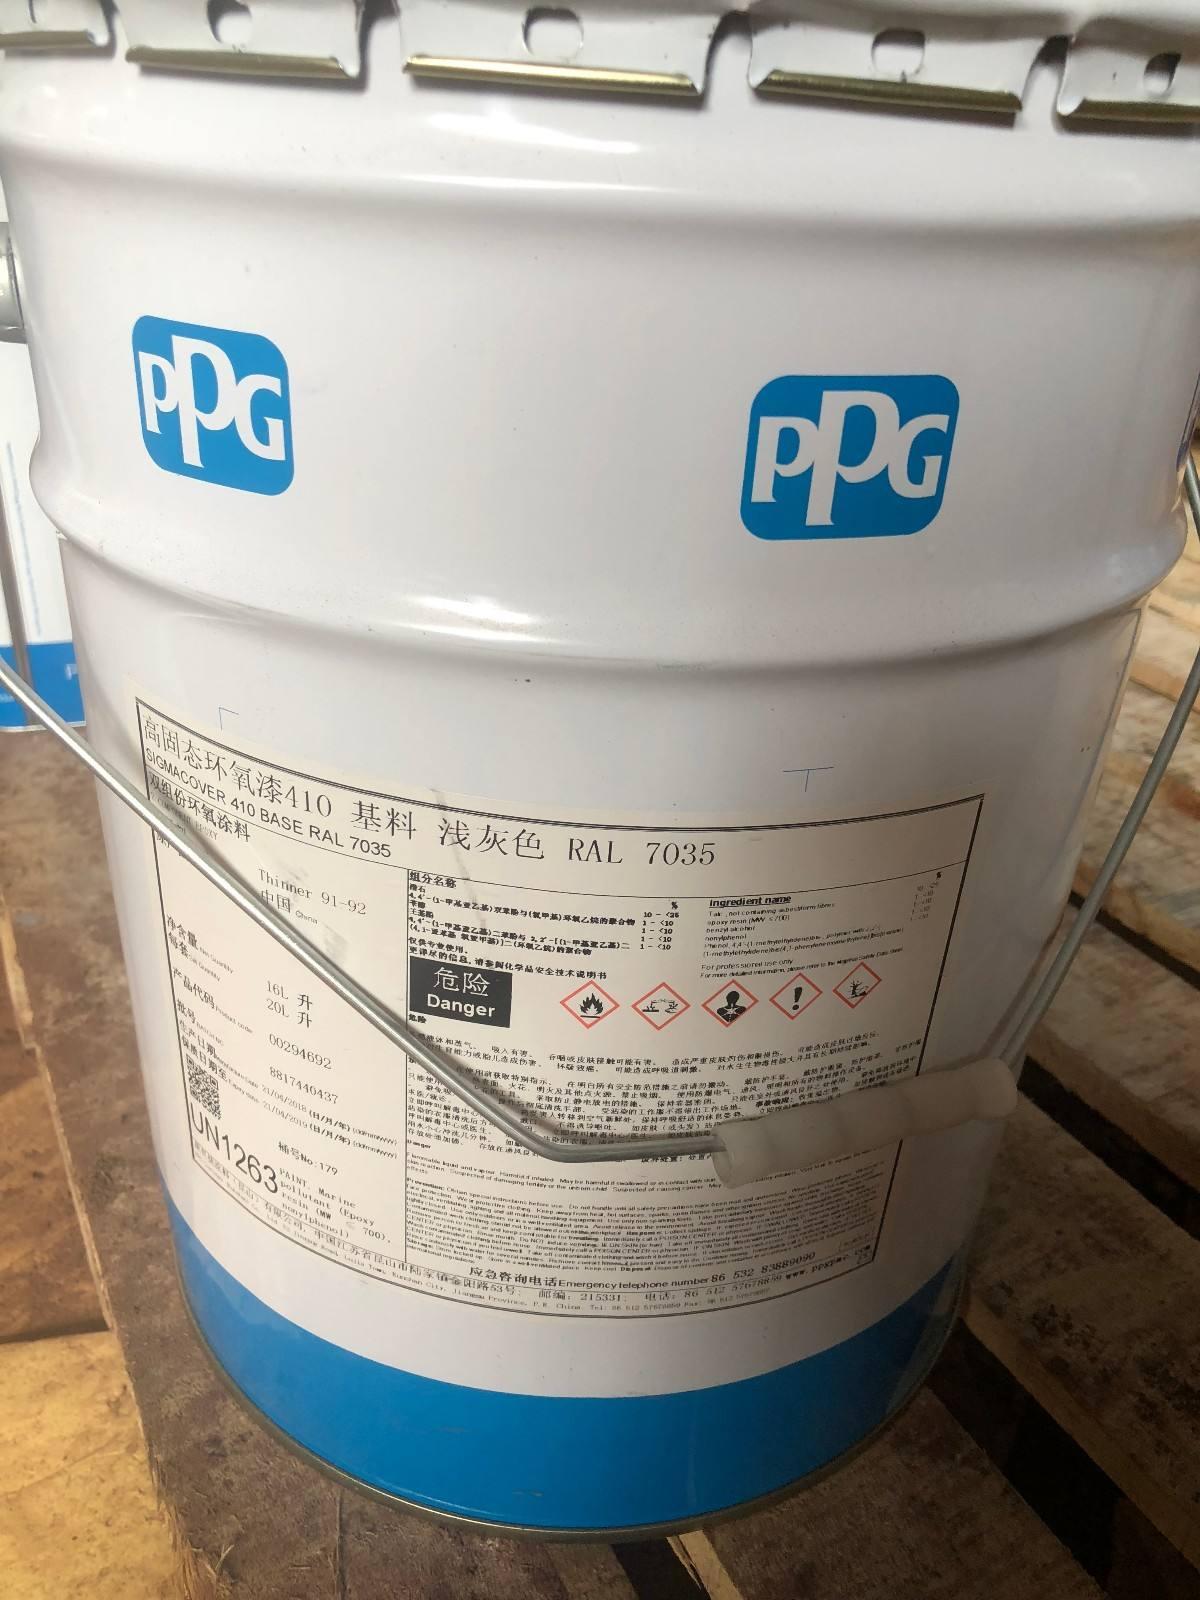 重庆PPG油漆需要注意什么